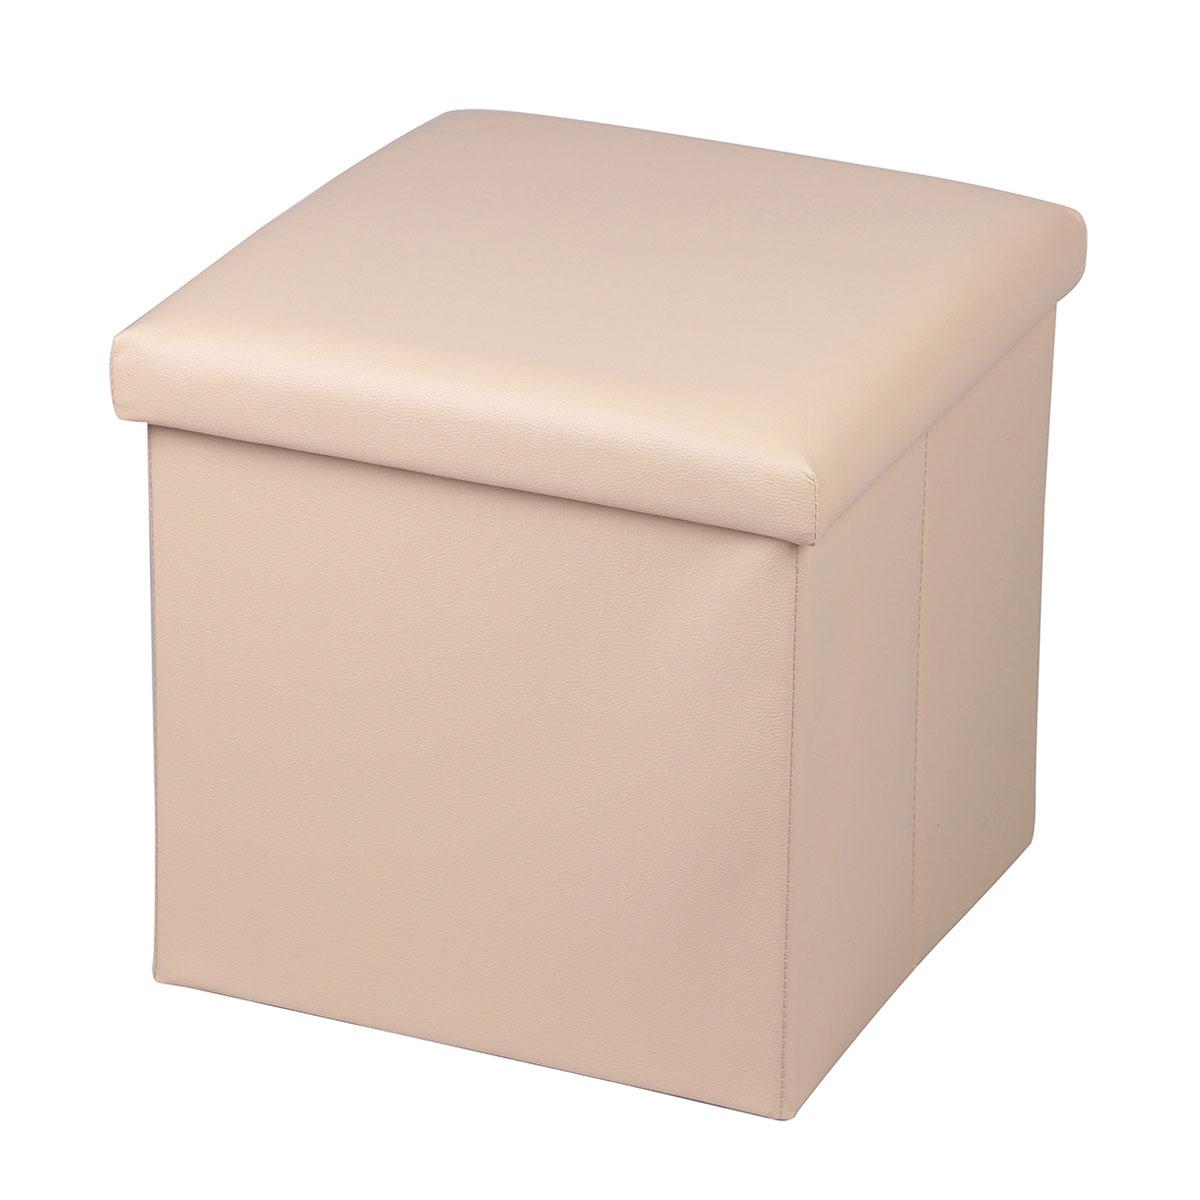 Пуф-короб для хранения Miolla, цвет: бежевый, 38 х 38 х 38 смPSS-LM1Пуф-короб для хранения Miolla - удобный, компактный и стильный предмет интерьера. Изделие отличает актуальный дизайн и многофункциональность. На пуфе комфортно сидеть - он выдерживает вес до 100 кг. Верхняя часть пуфа представляет собой съемную крышку, внутри можно хранить небольшие предметы домашнего обихода. Оптимальные размеры куба позволяют хранить внутри множество мелочей, которые так трудно собрать воедино в маленькие контейнеры. Пуф-короб складной, благодаря чему его удобно хранить и перевозить. Лаконичный однотонный дизайн подойдет практически к любому интерьеру.